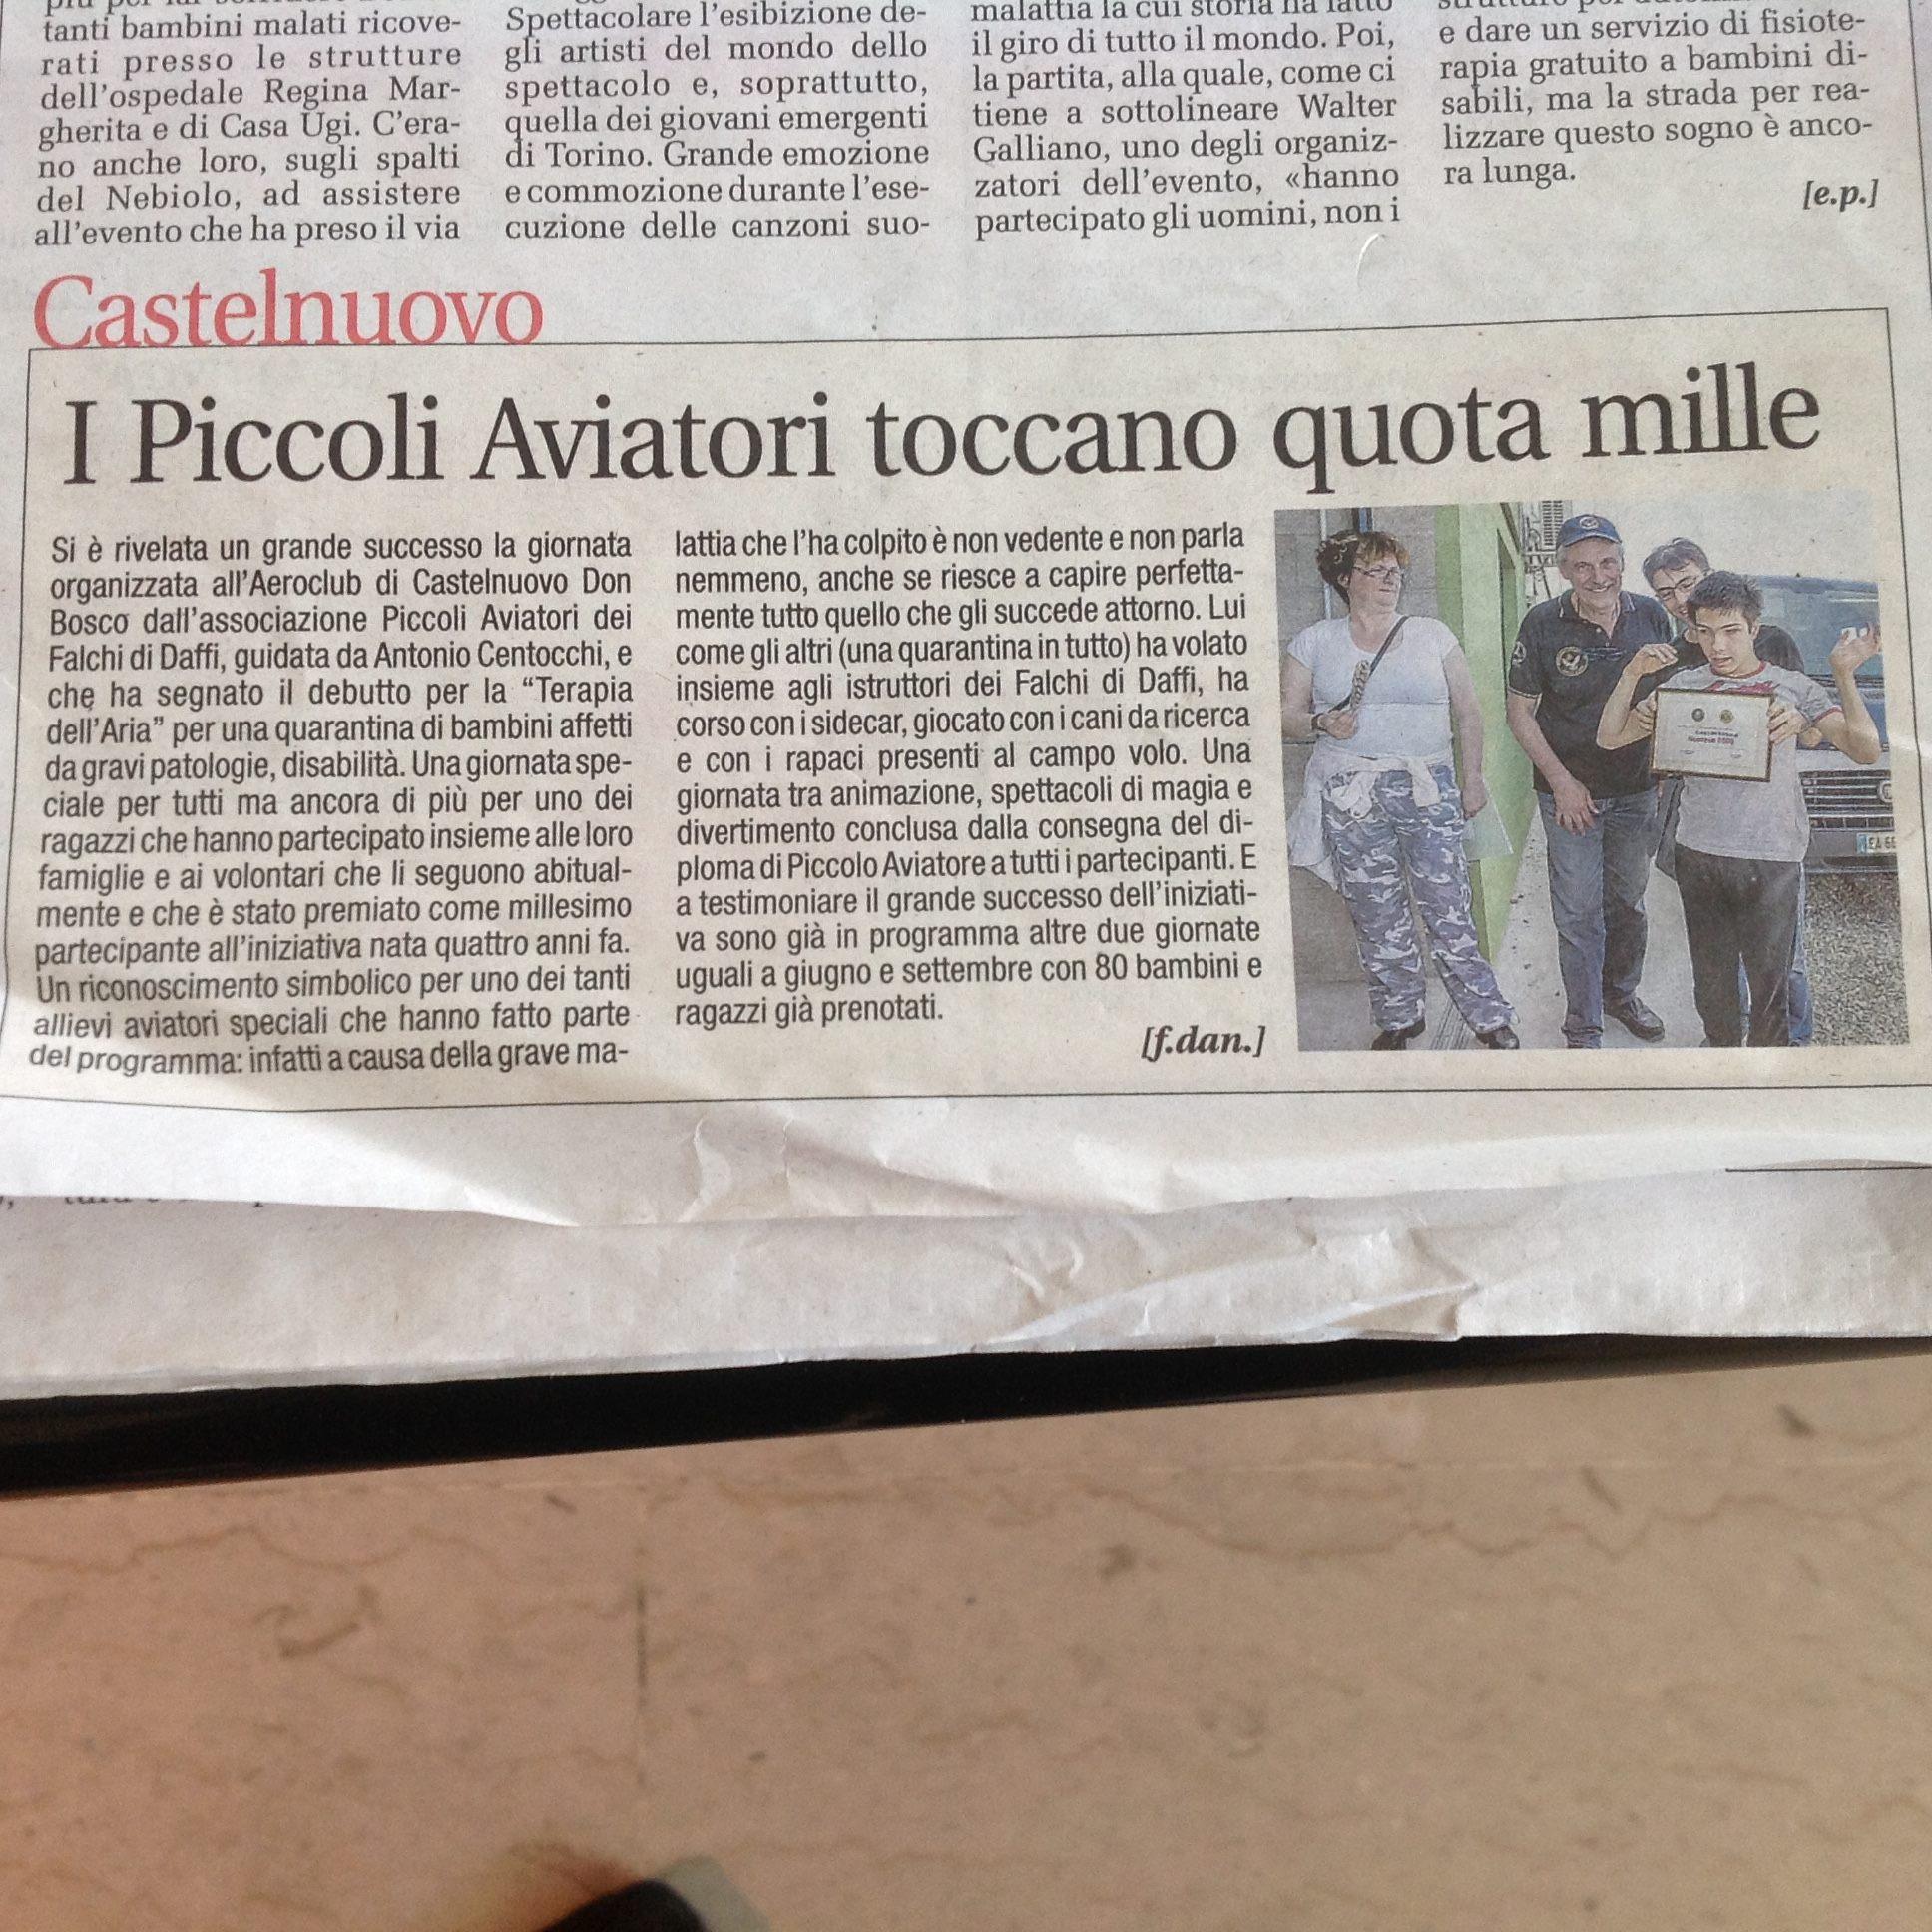 Articolo di Cronaca Qui per Piccoli Aviatori a Castelnuovo don Bosco 2016